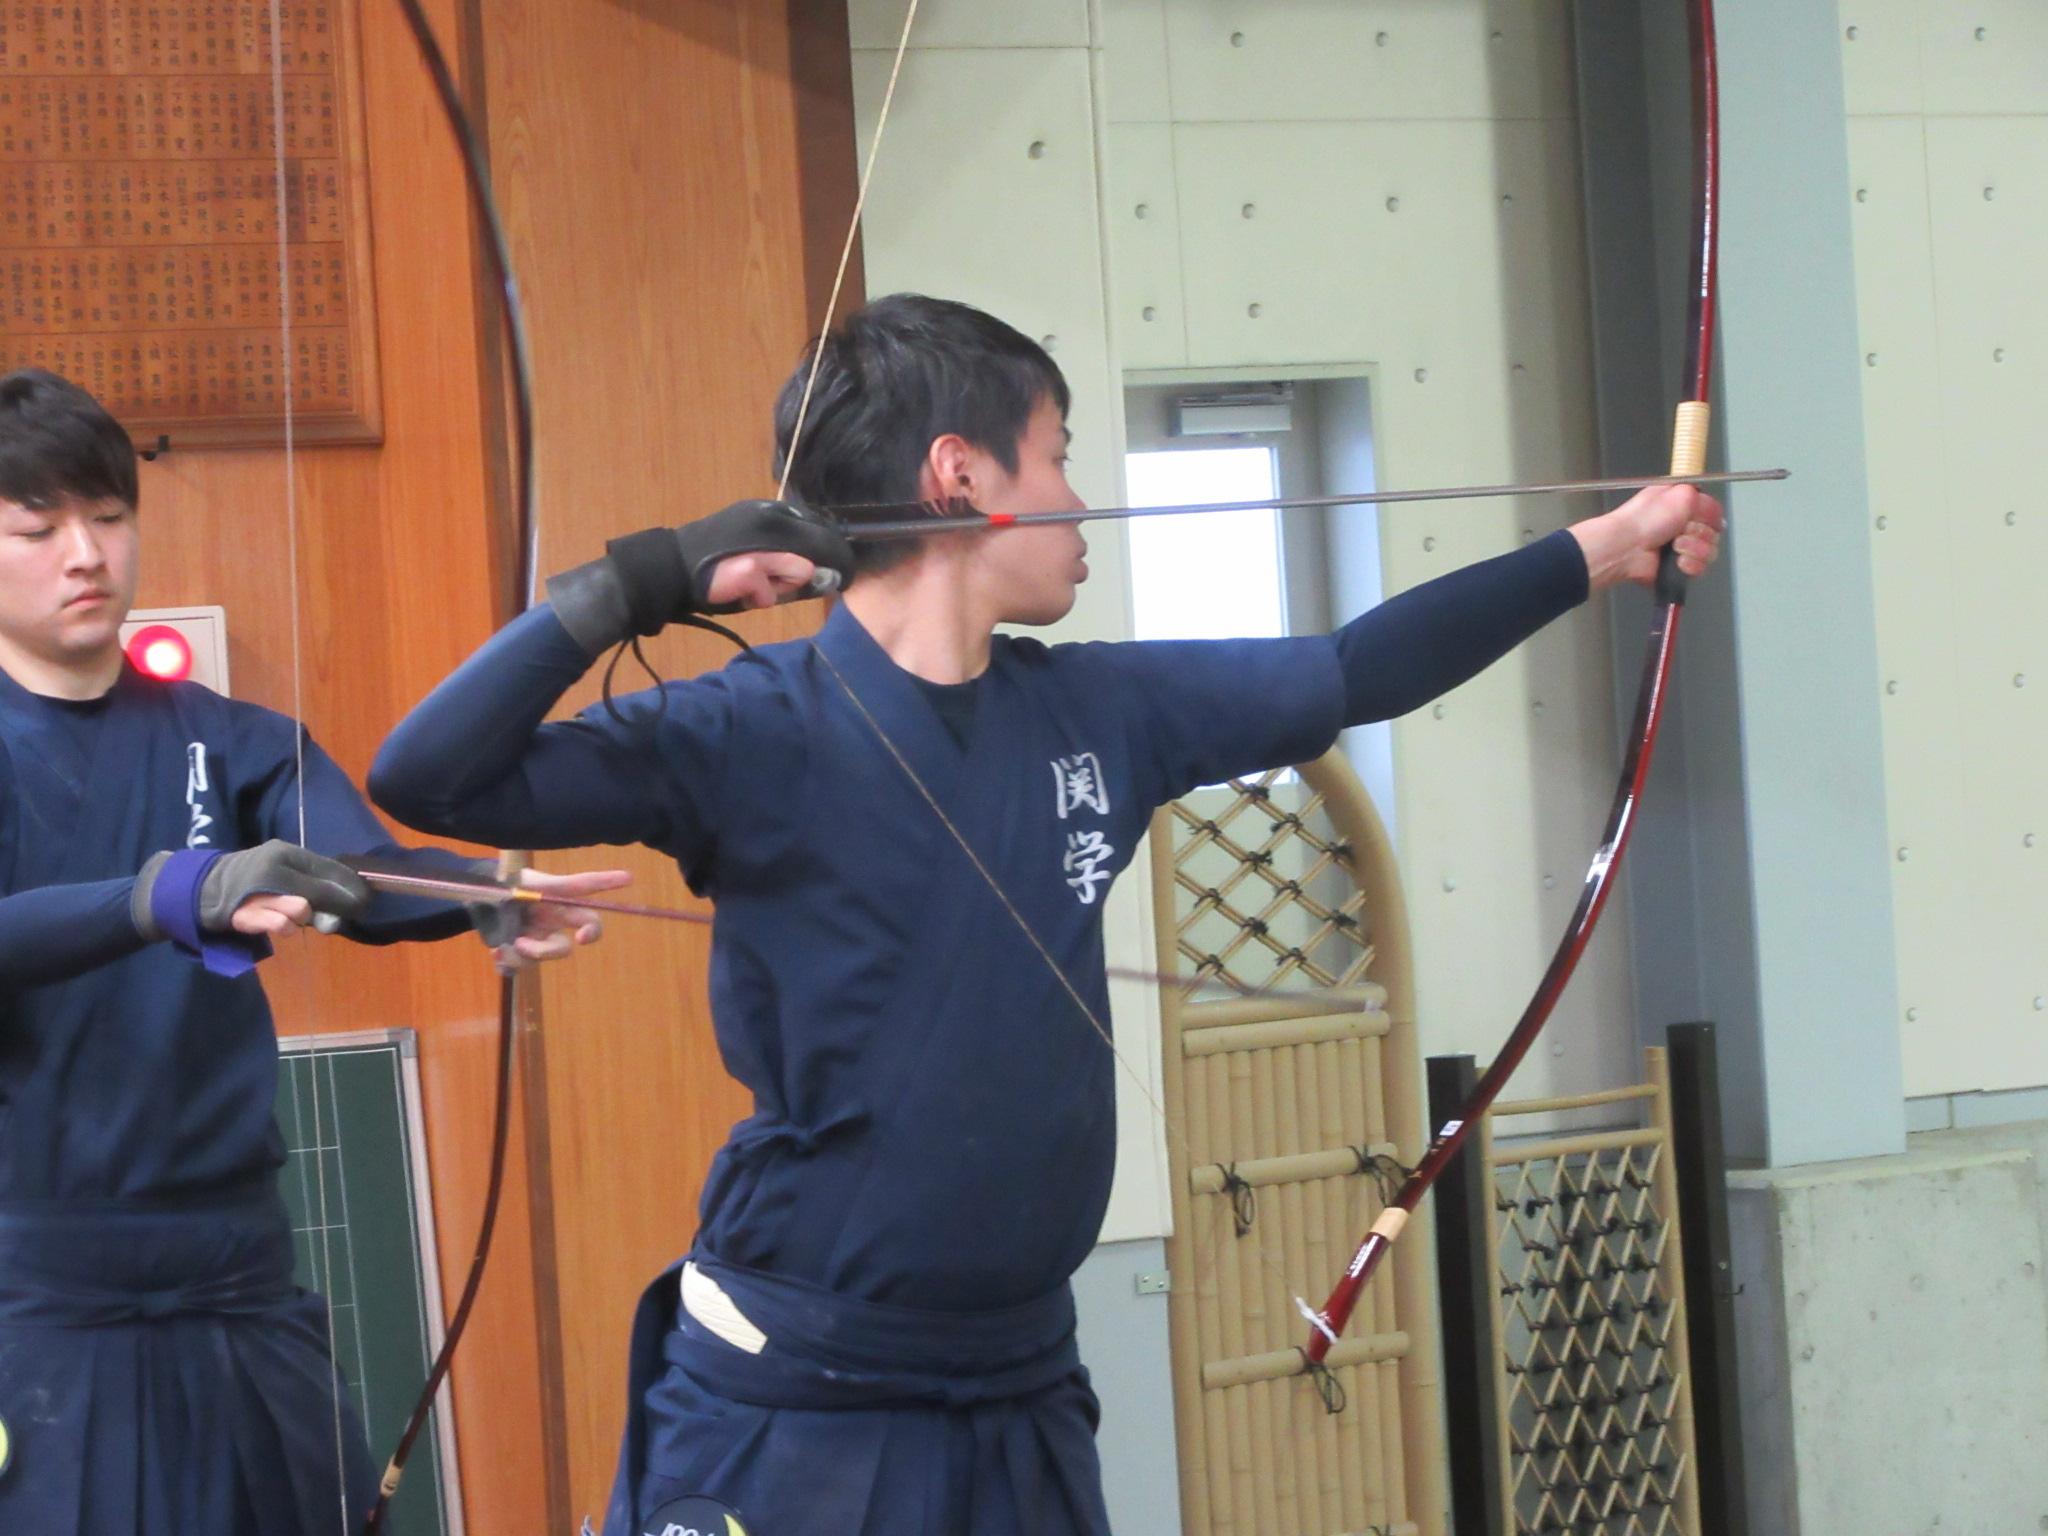 甲南中学高等学校OBの上川(経済4)、今年も彼が企画や調整を担当してくれました